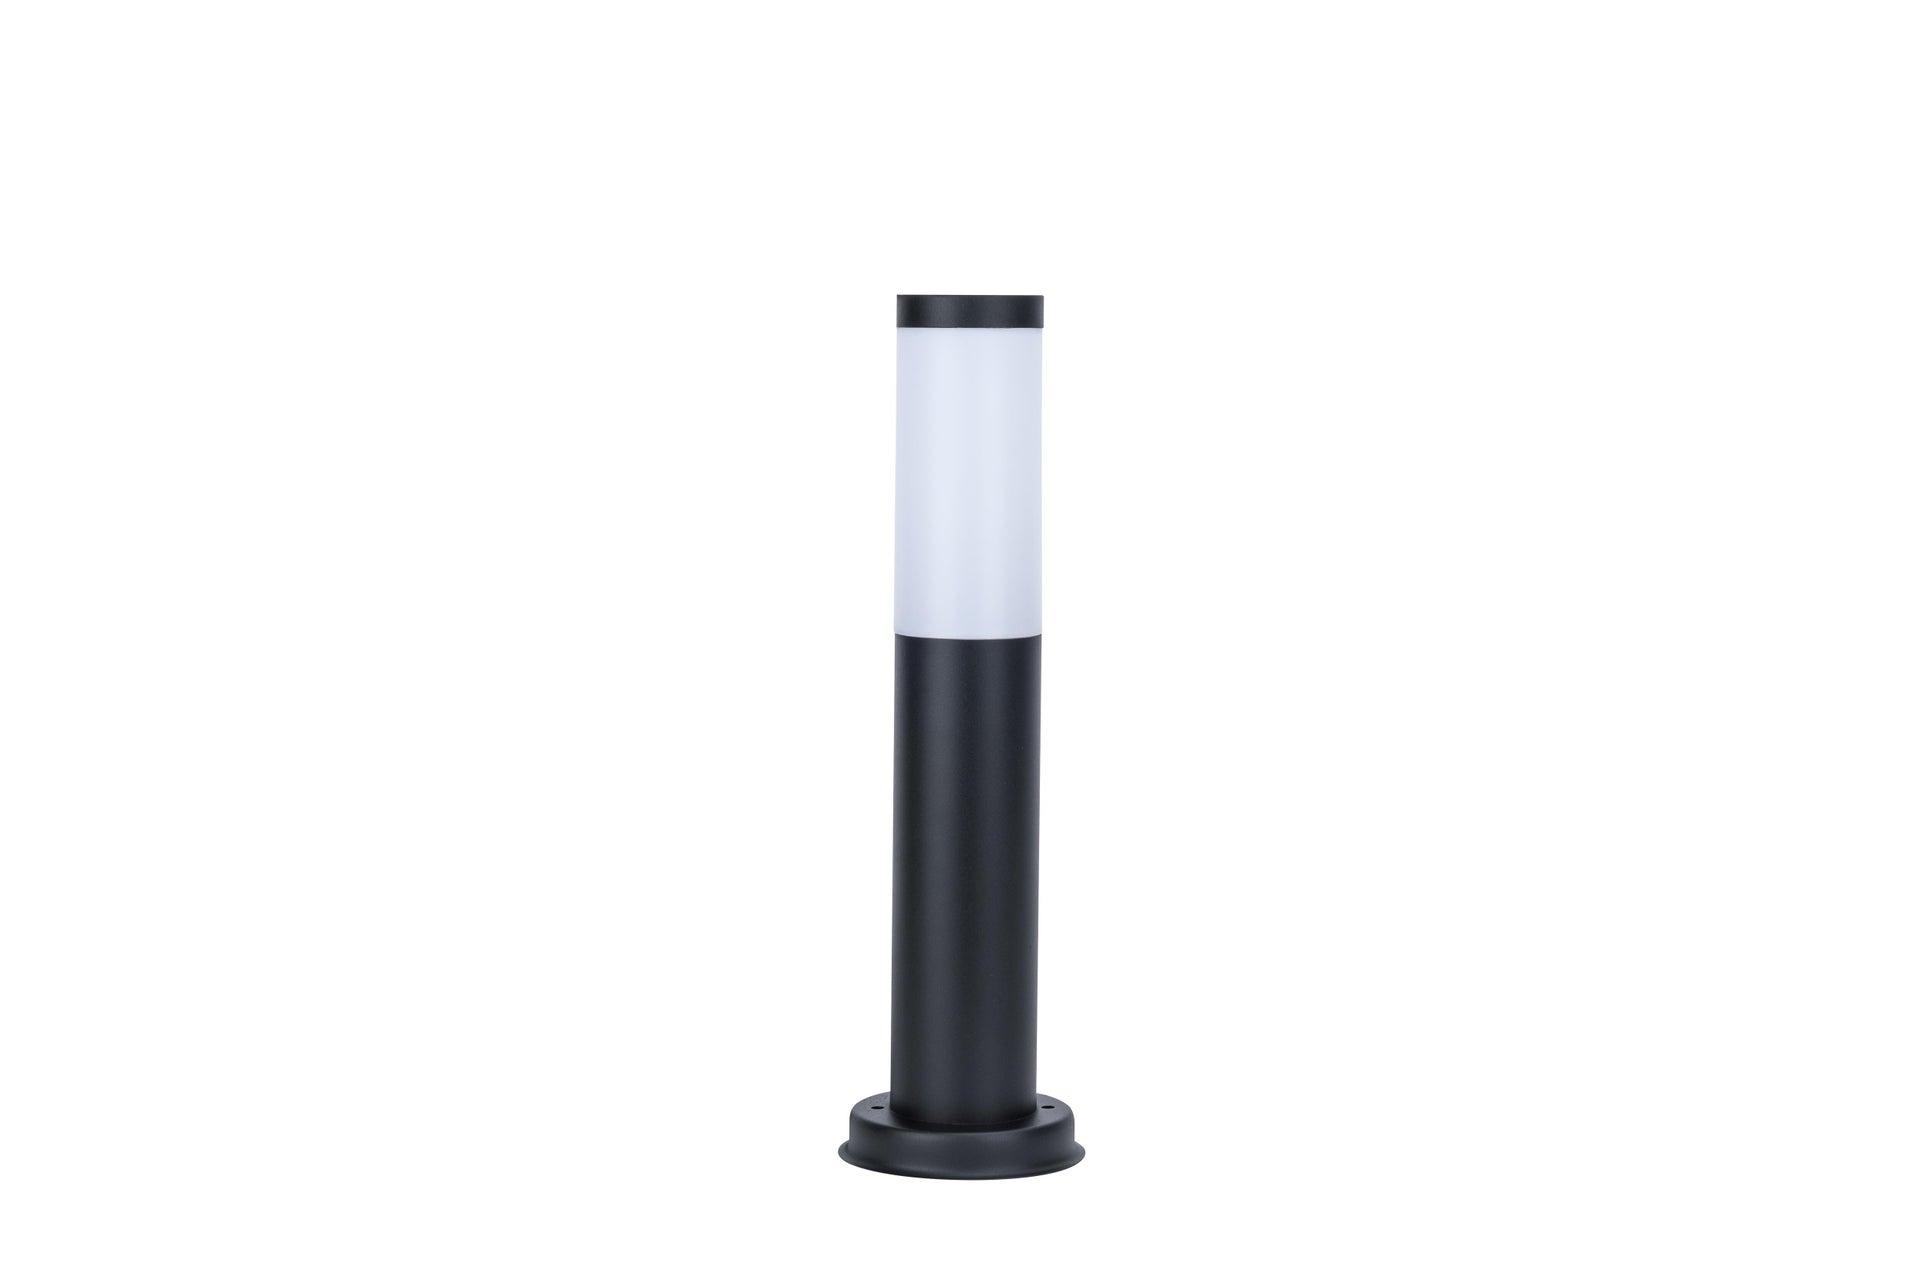 Lampione Travis H45.0 cm in acciaio inossidabile, nero, E27 1x MAX 15W IP44 INSPIRE - 15